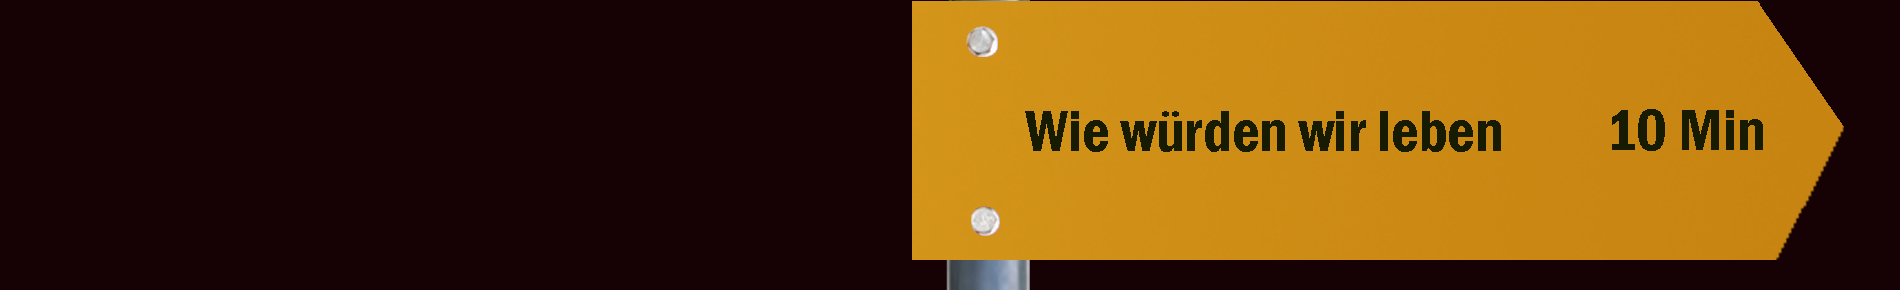 WWR_WieWuerdenwirLeben